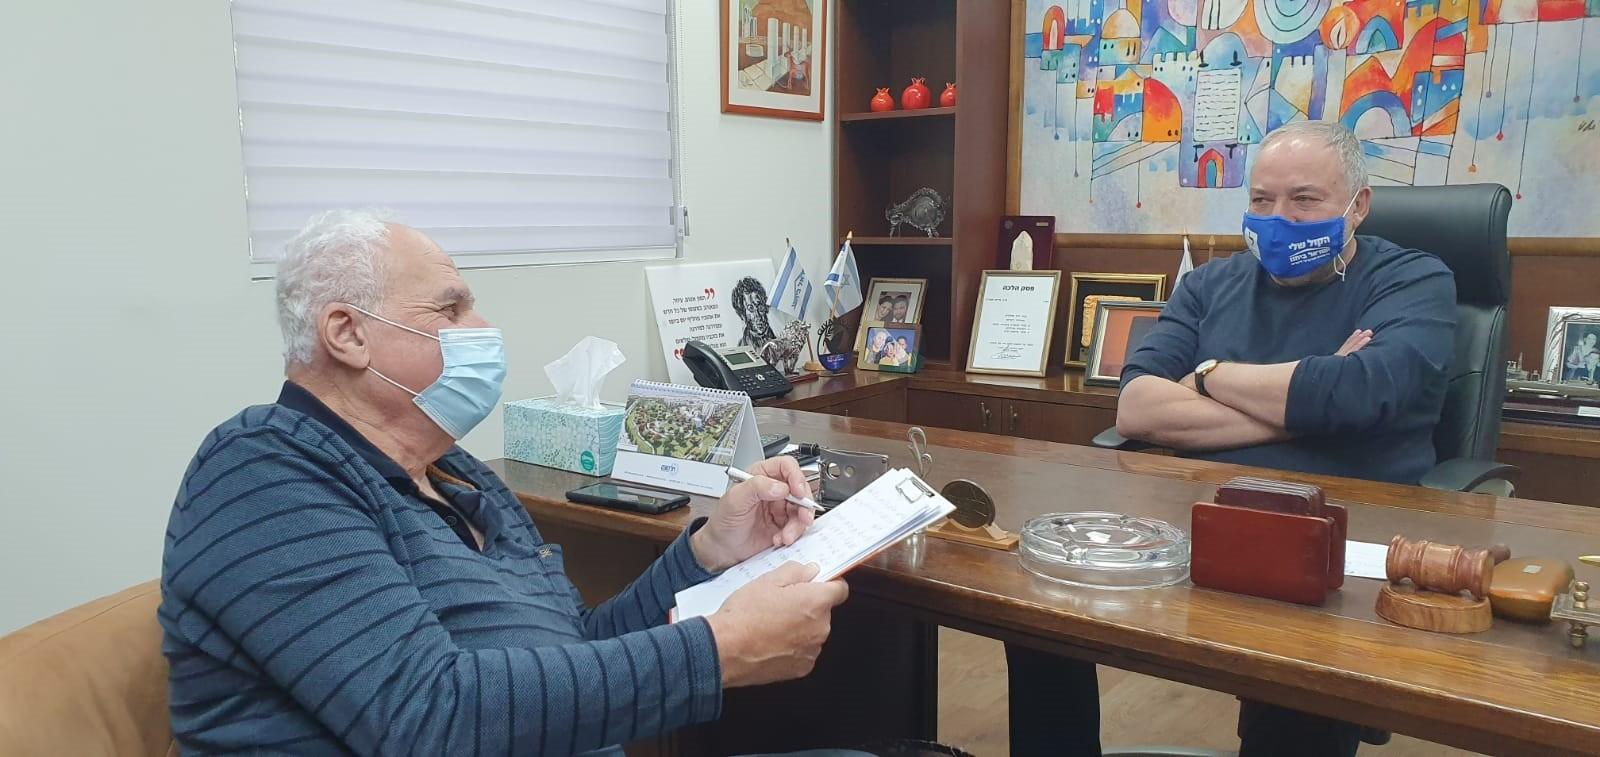 אביגדור ליברמן עם עורך העיתון. צילום טל וכסלר